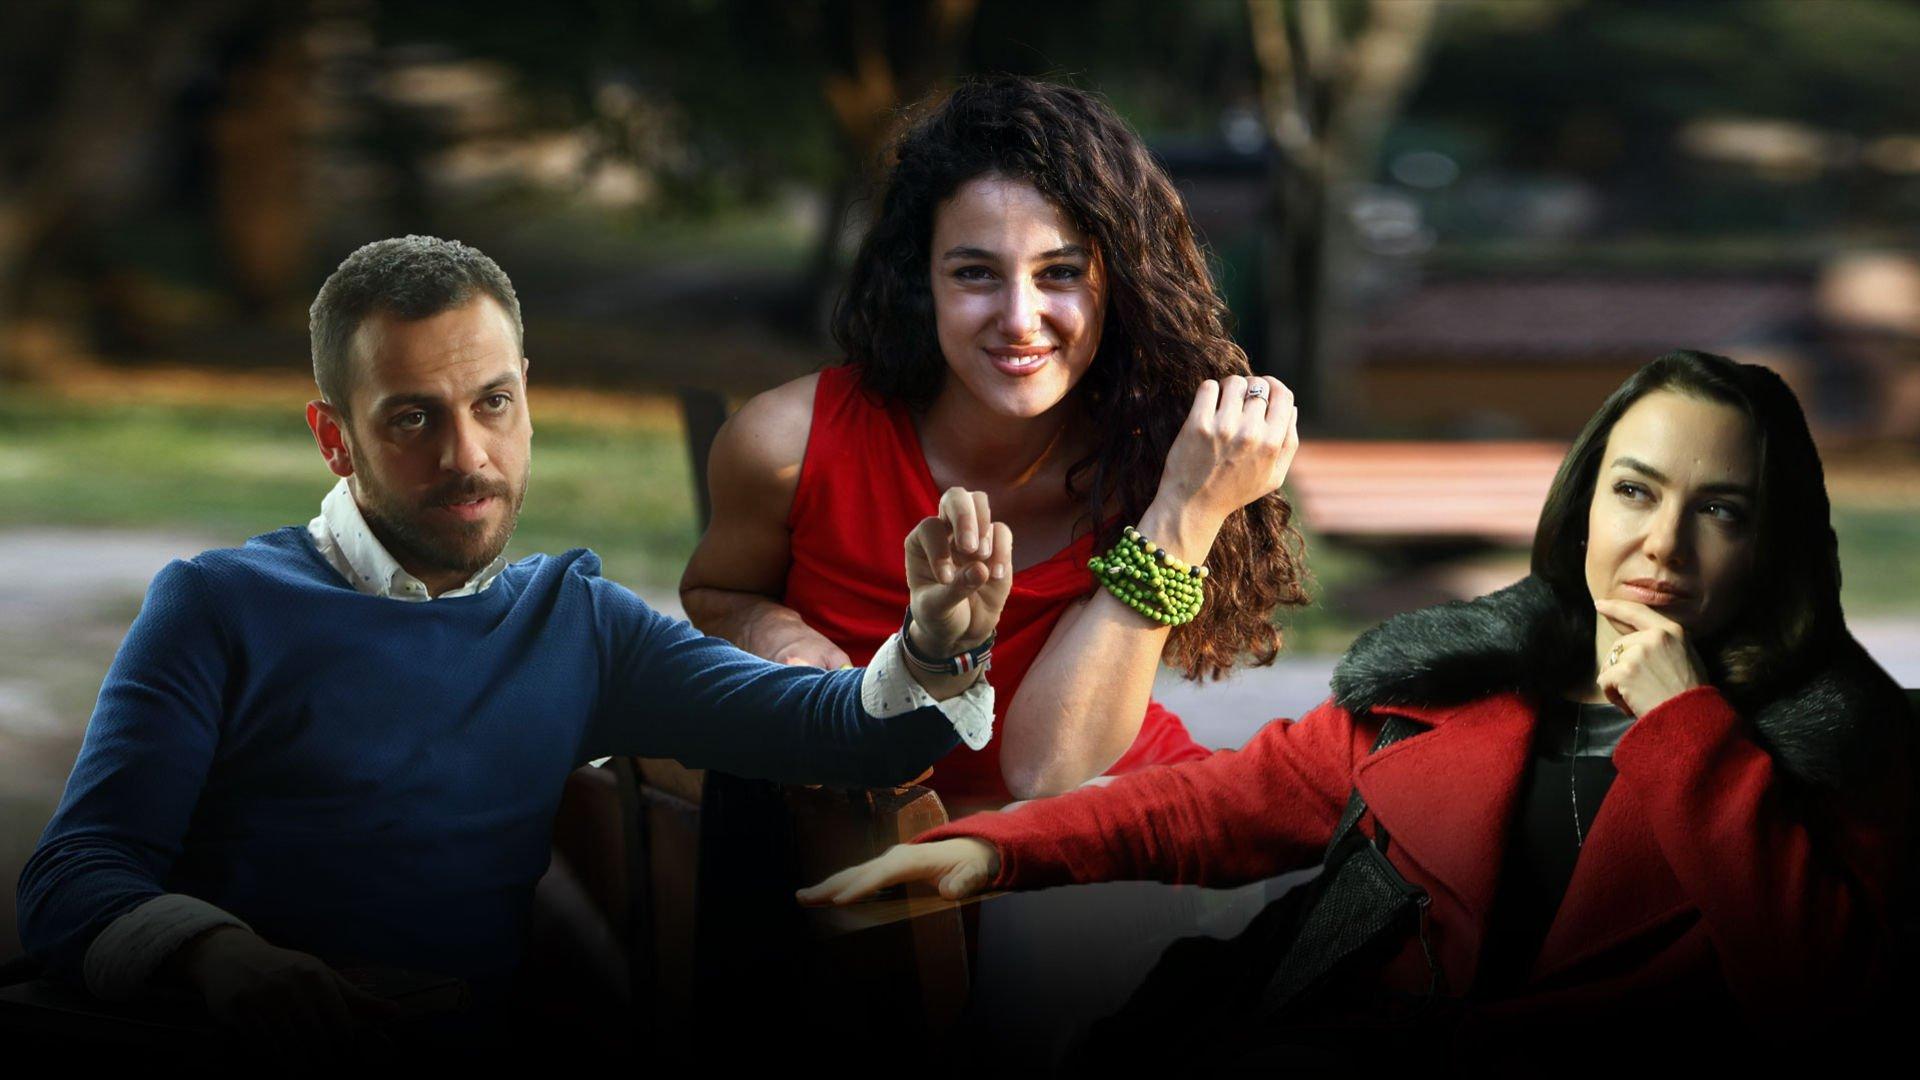 Турецки кино есть